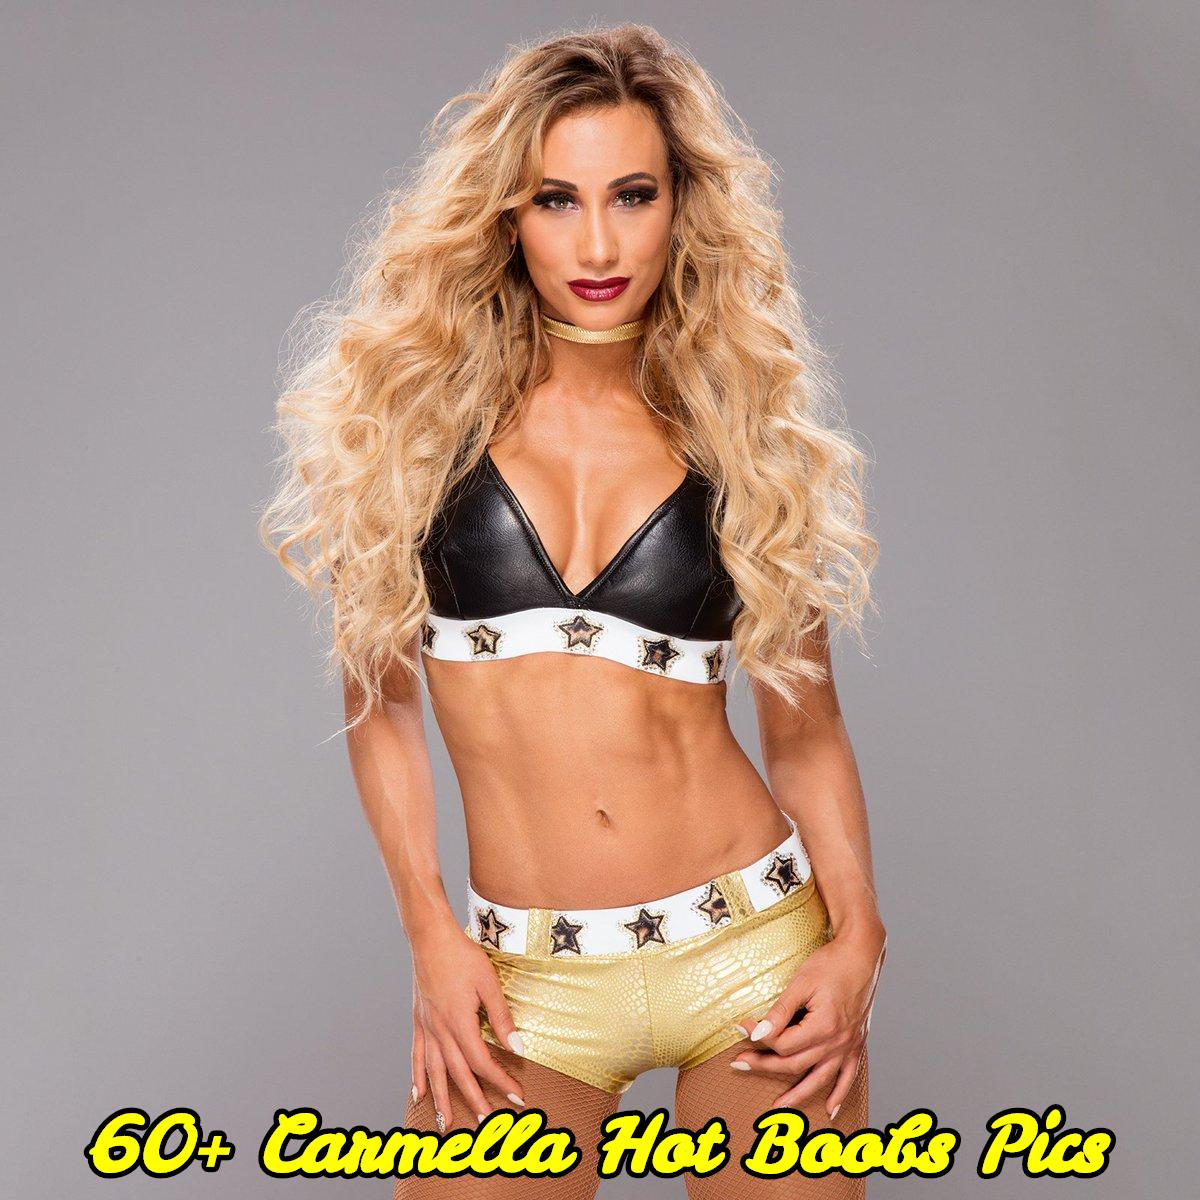 Carmella hot boobs pics